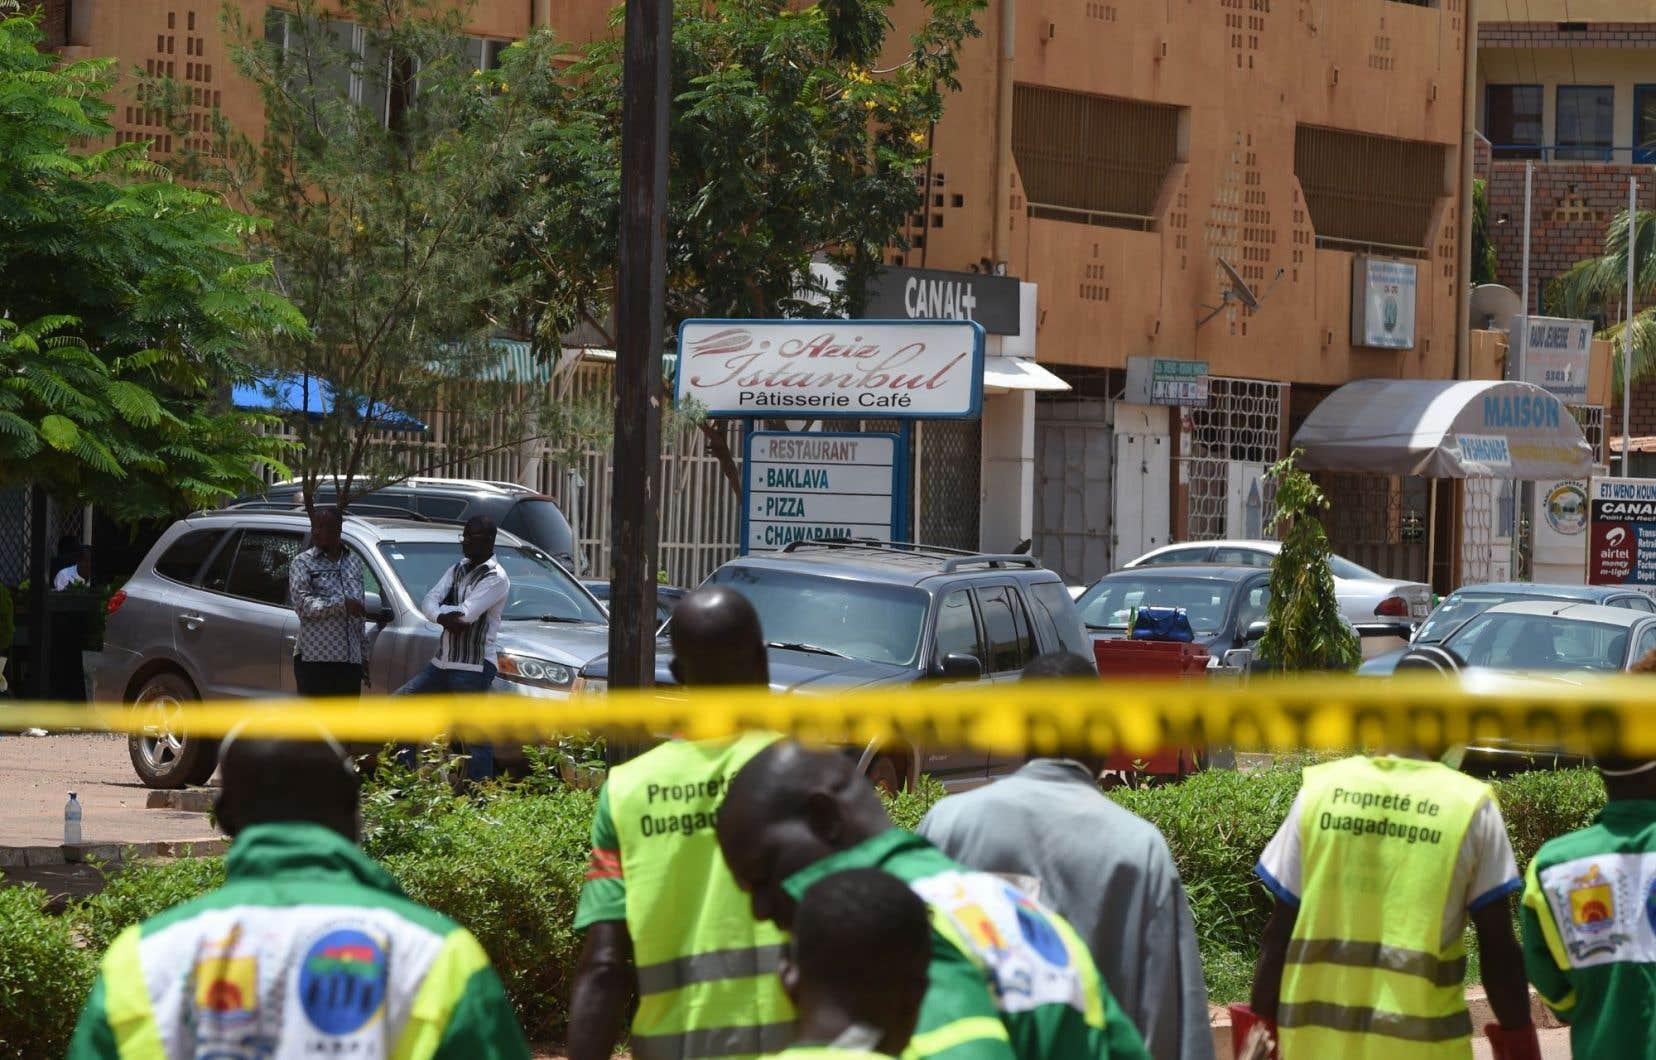 Une attaque a été menée dimanche soir contre un café-restaurant à Ouagadougou, faisant au moins 18 morts et une dizaine de blessés.